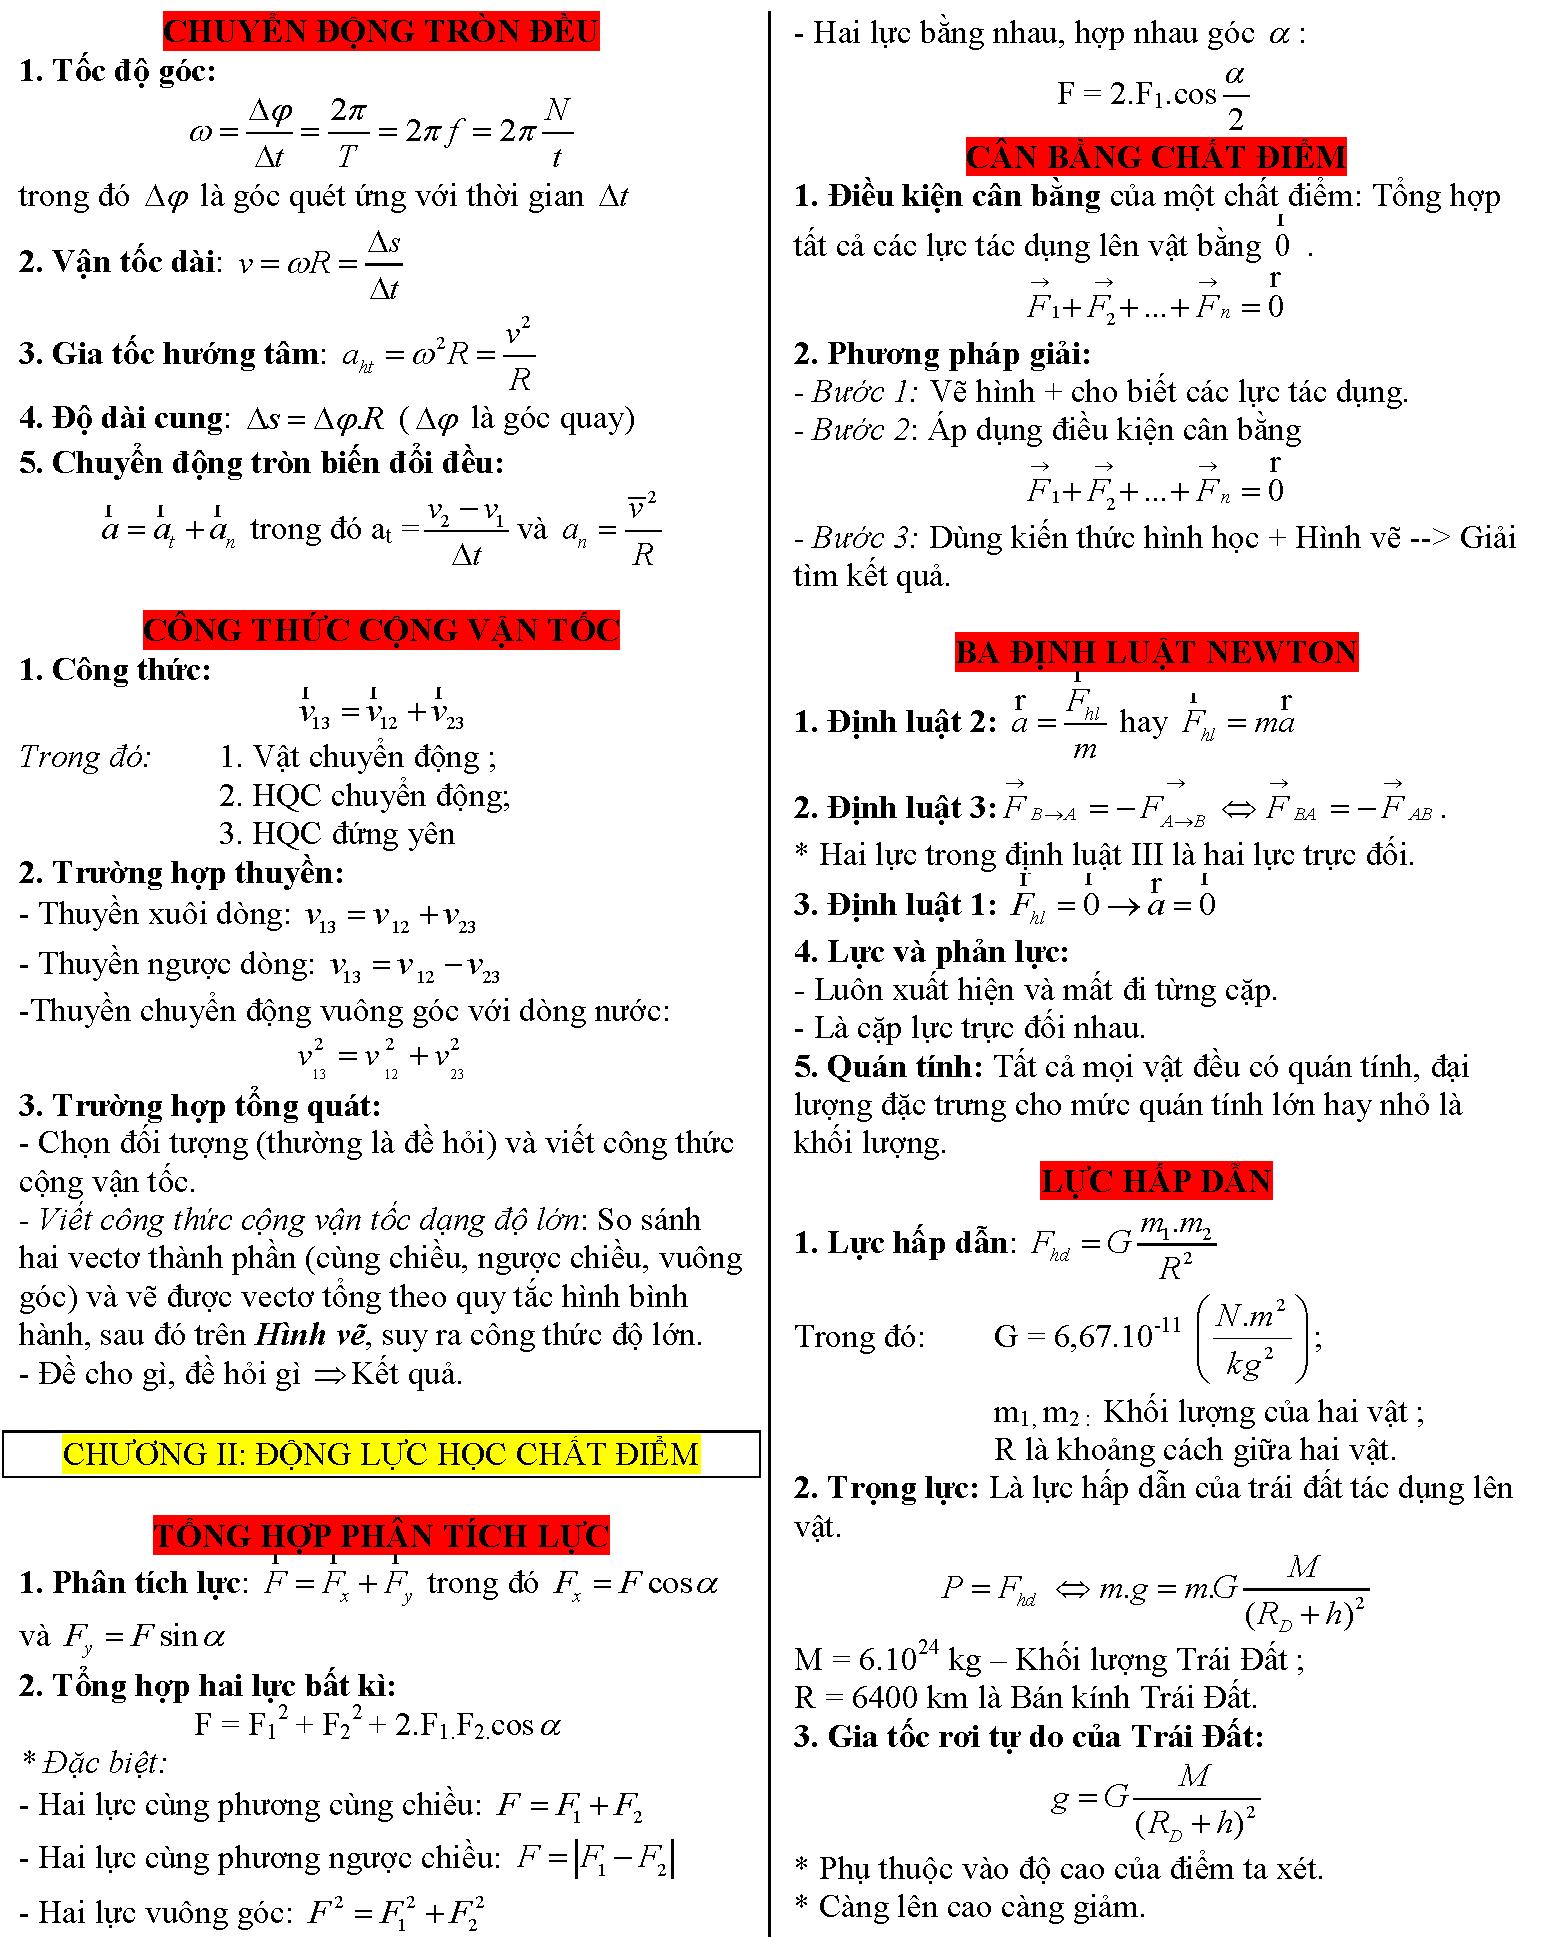 Công thức vật lý lớp 10 (2).png